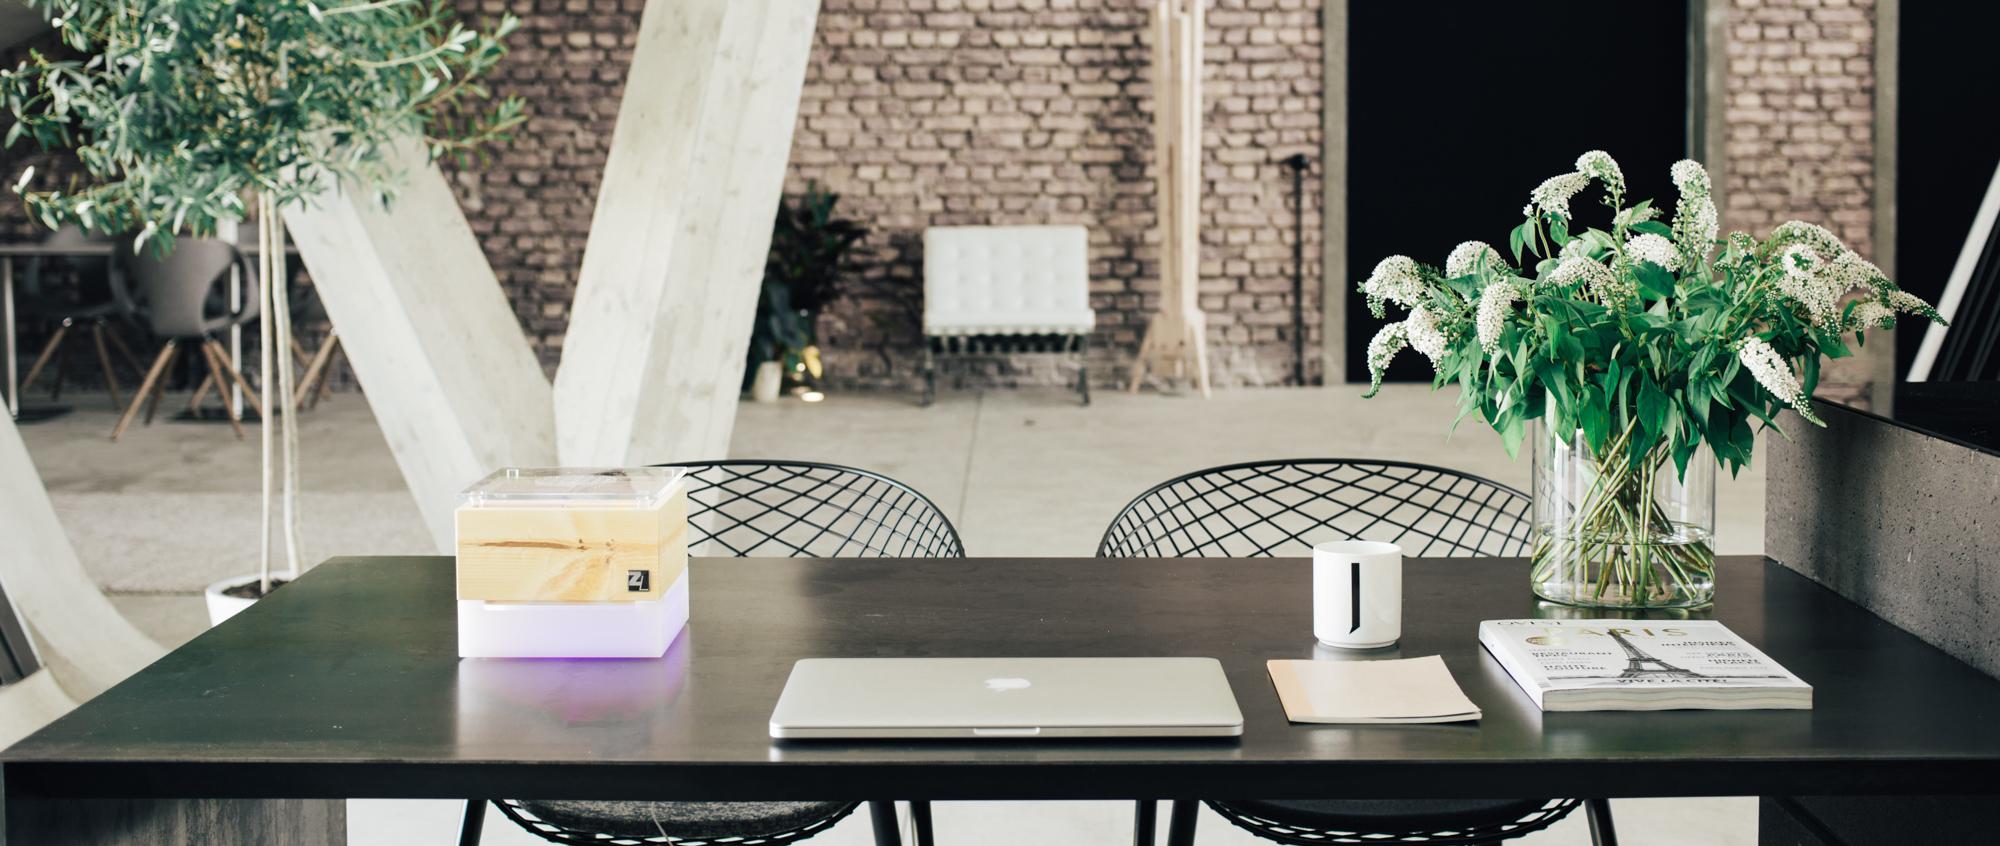 ZirbenLüfter Cube mini, Luftreiniger, Luftbefeuchter für gesundes Raumklima in Räumen bis 15 m2